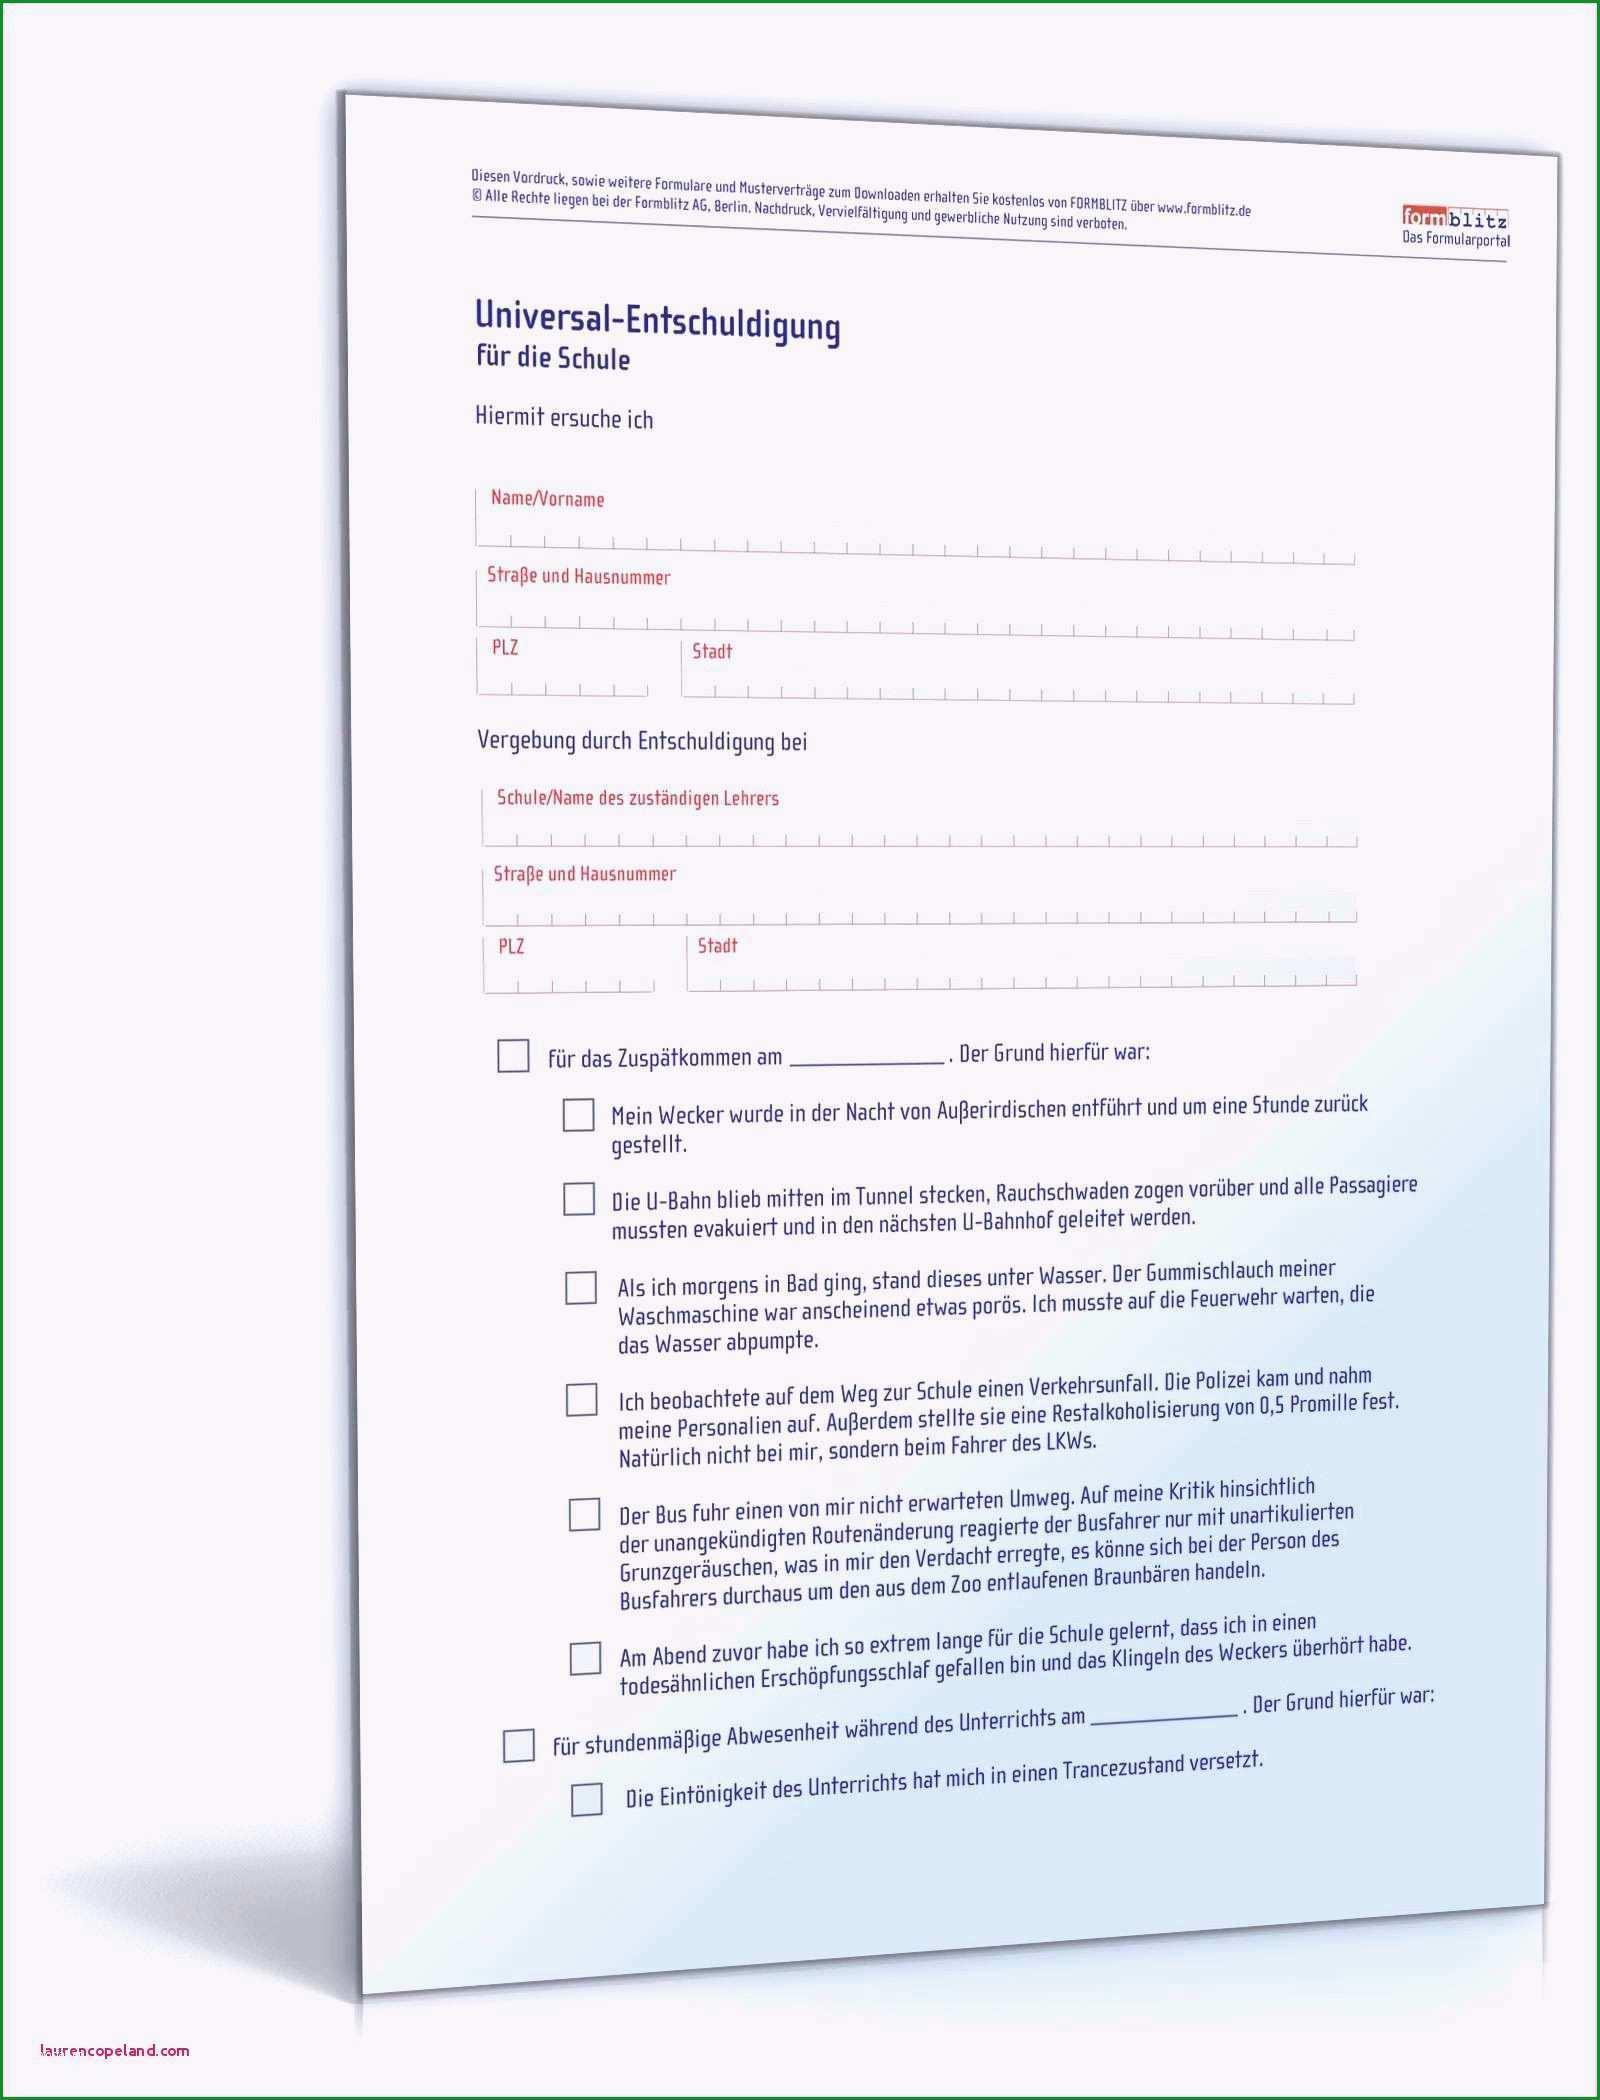 entschuldigung berufsschule vorlage bewerbung an schule muster ktforsenate 2